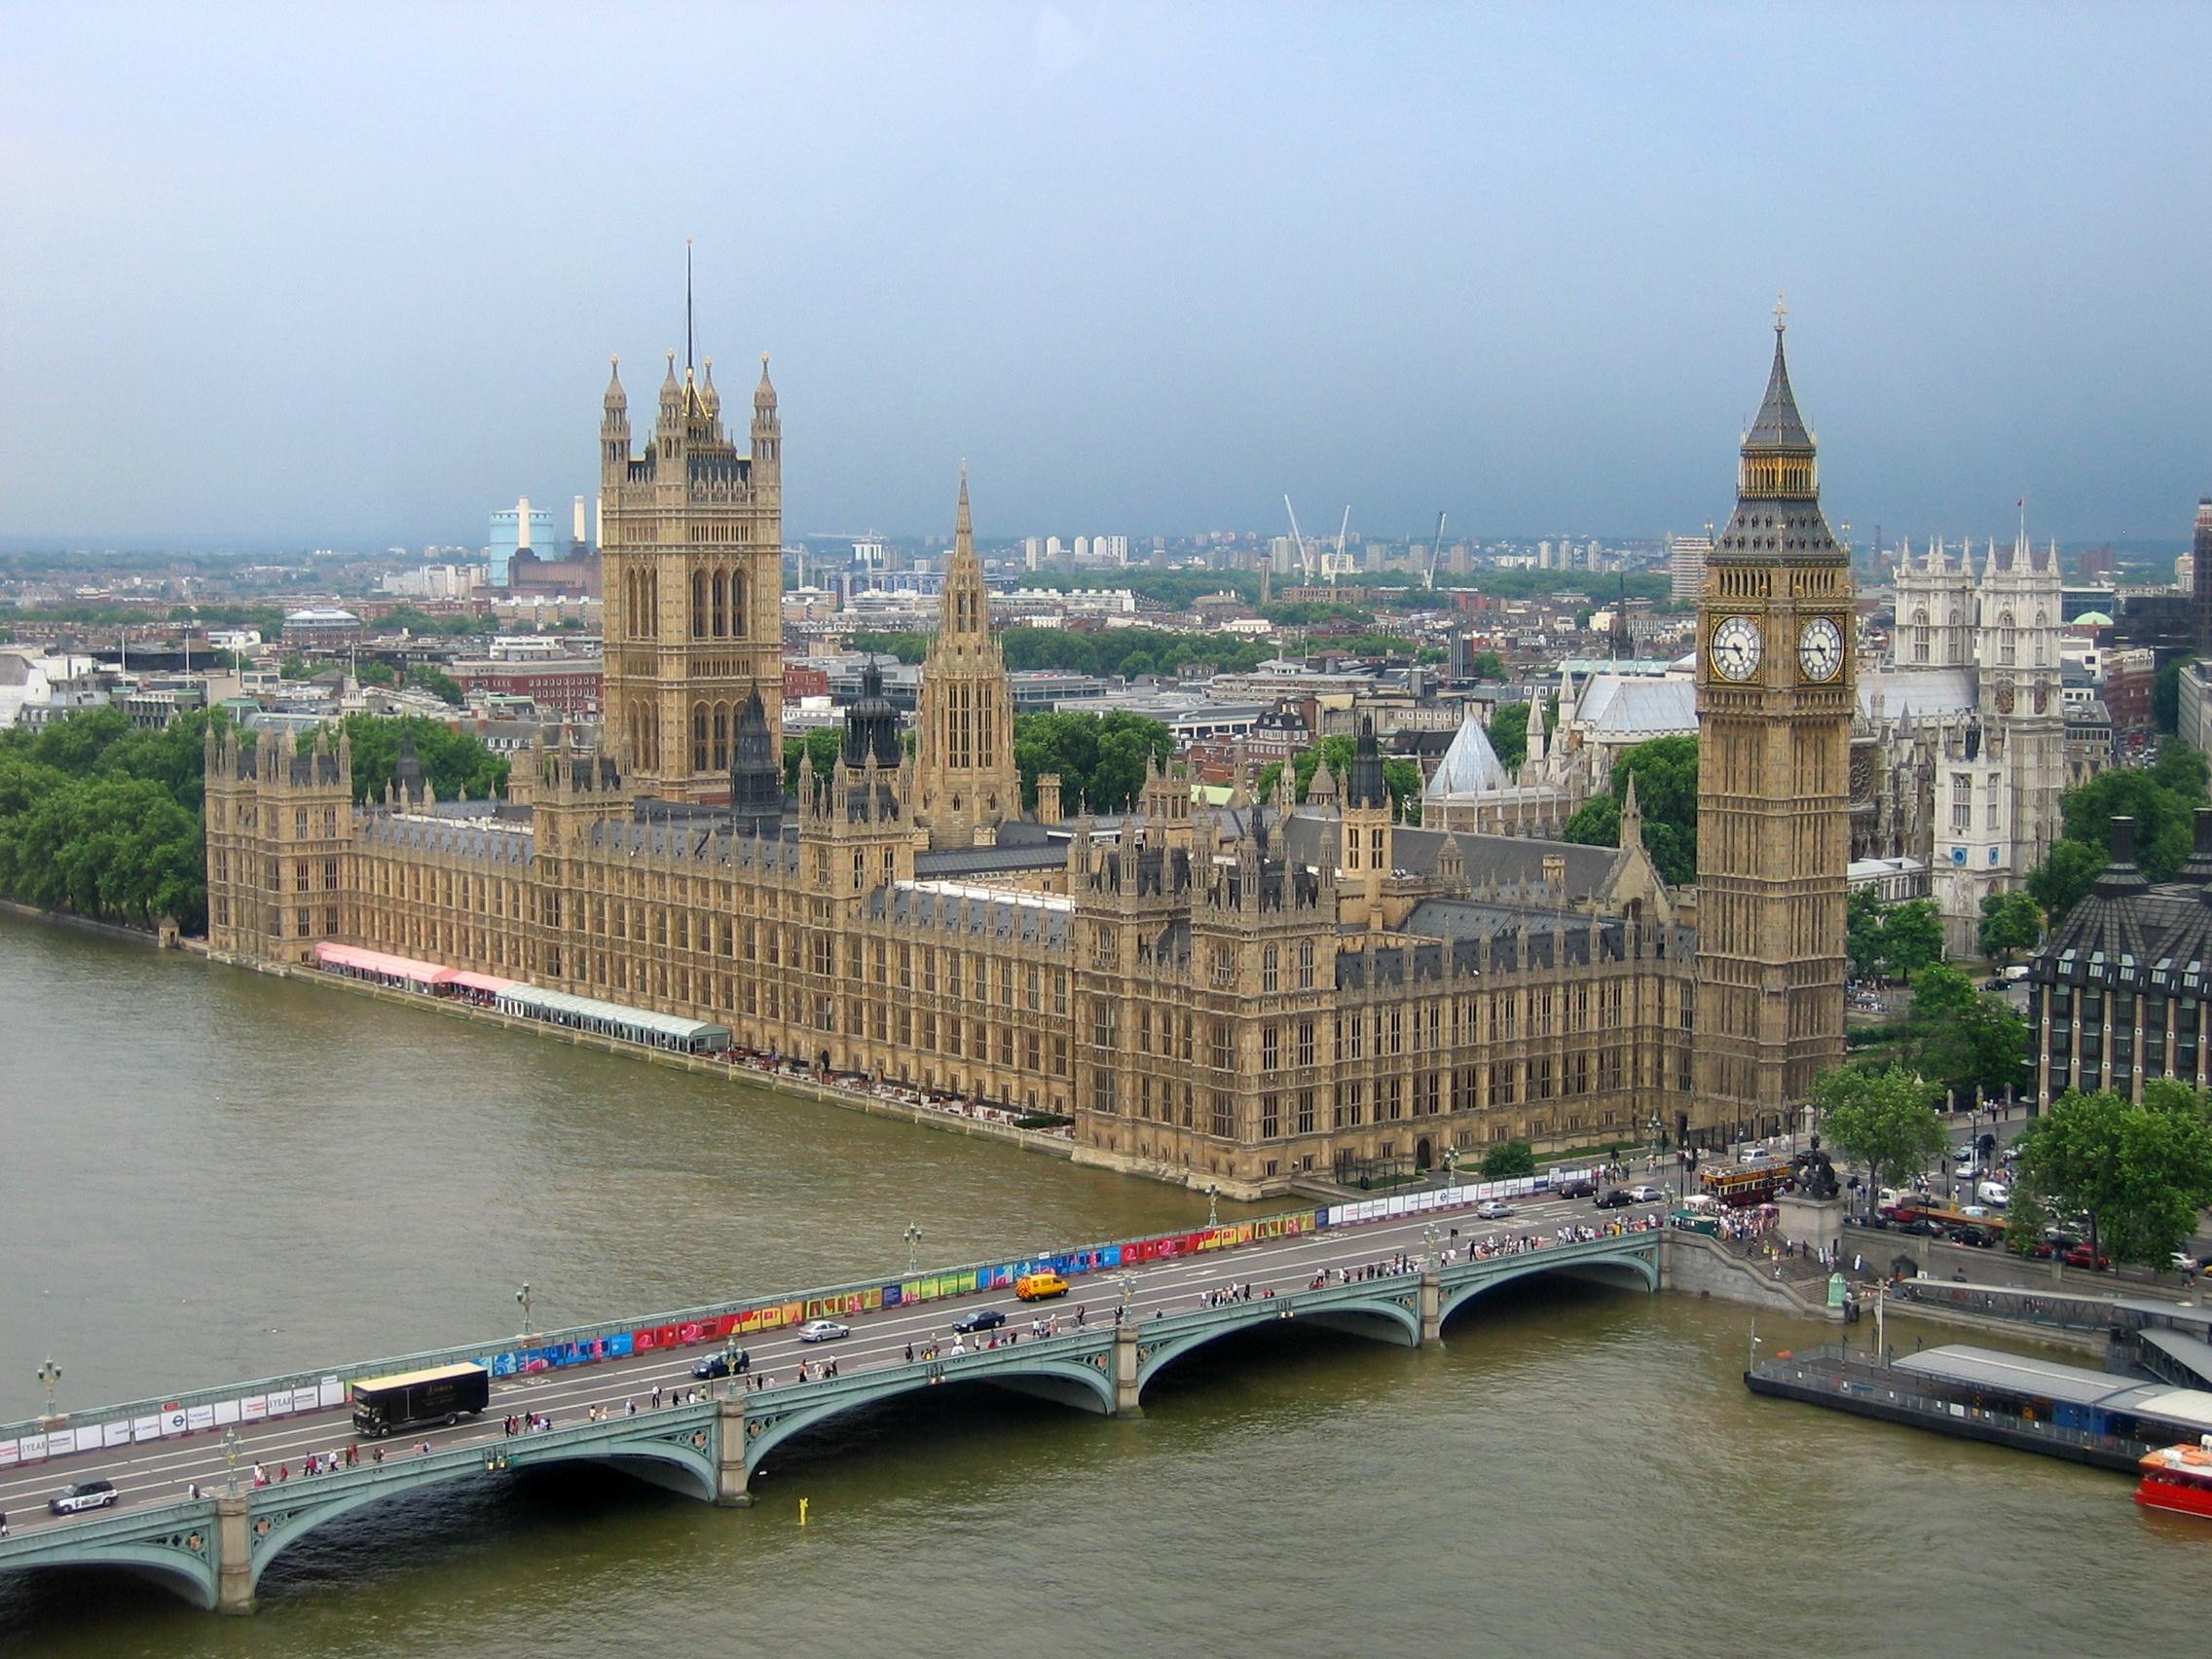 Hoteis De Londres Hoteis Hoteis Inglaterra London Pass Reserva En Todo O Mundo Baixo Prezo Barato